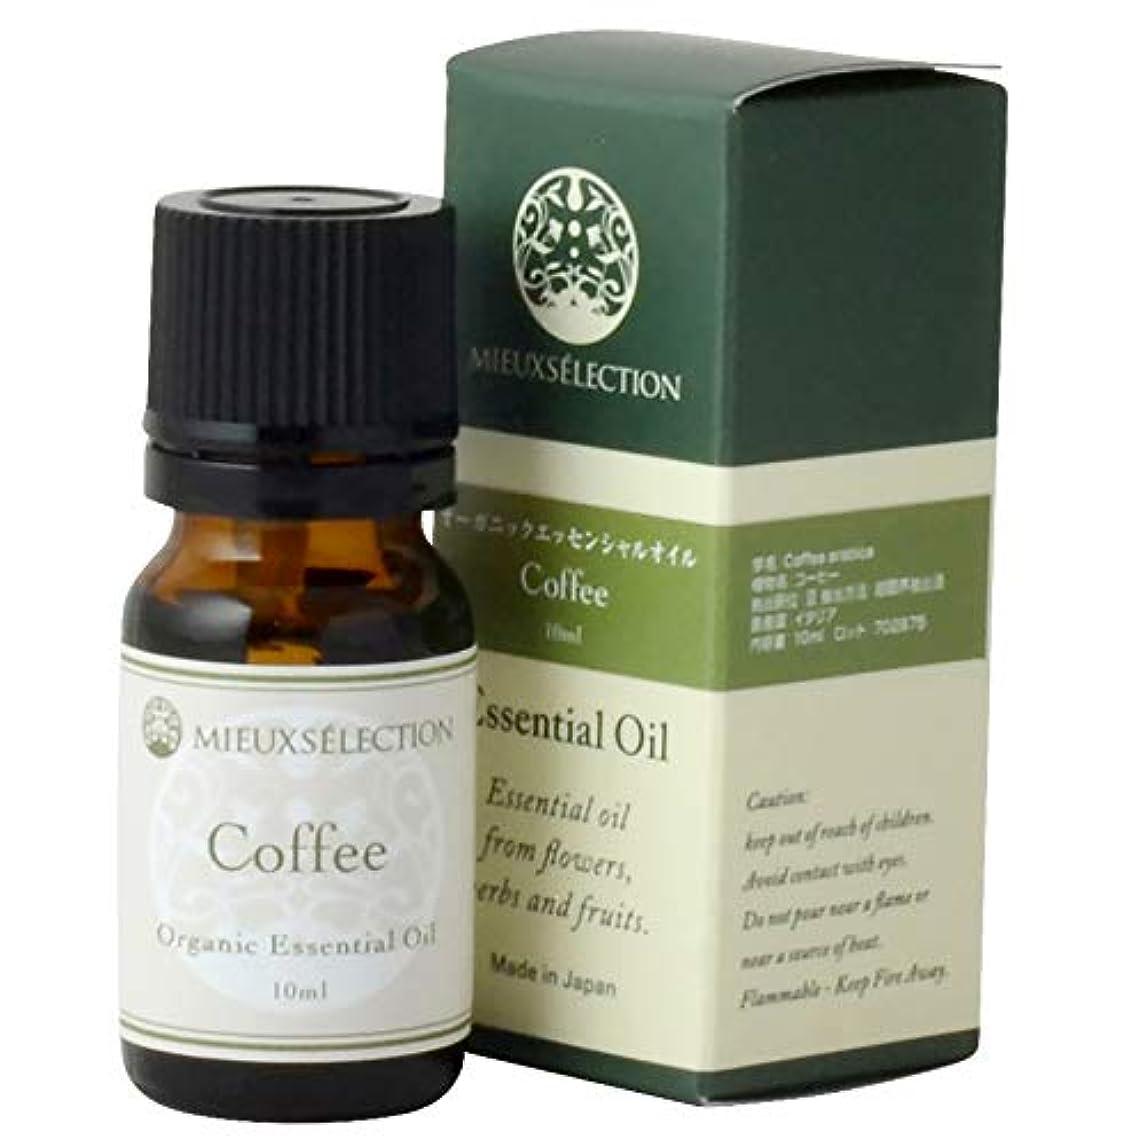 崖義務的反対するオーガニックCO2エキストラクト コーヒー 10ml